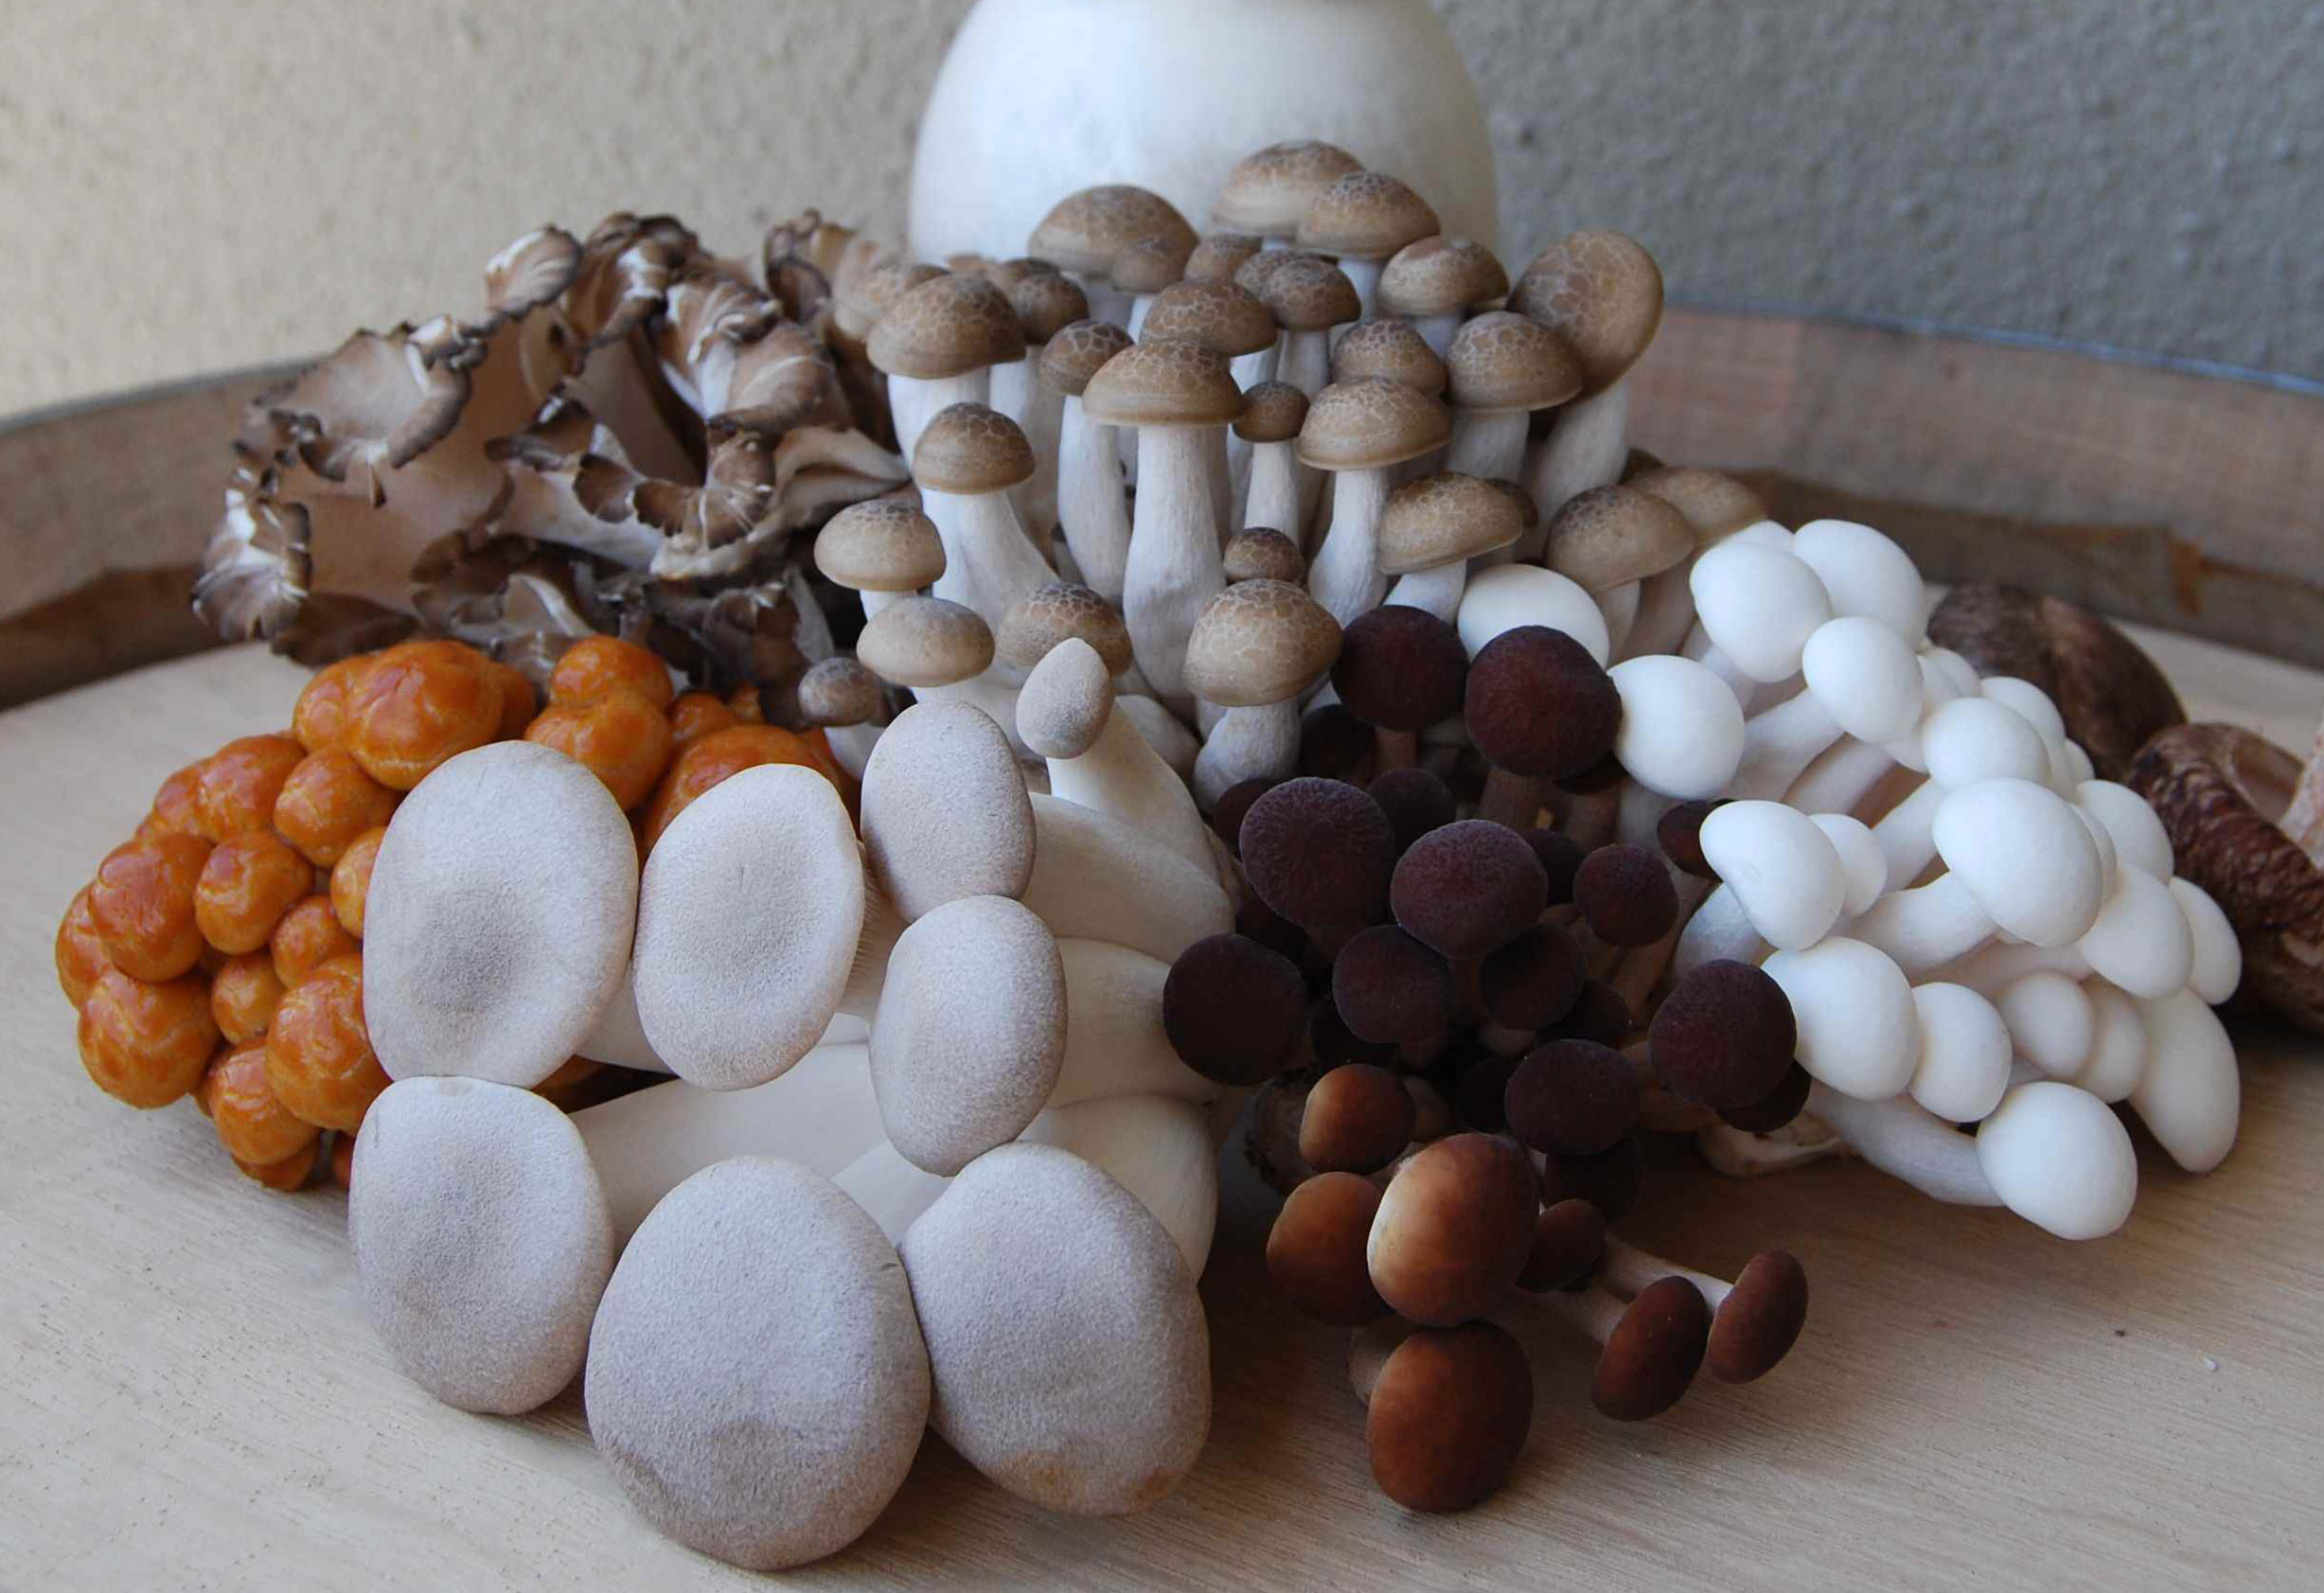 Gourmet-Mushroom-Group.jpg